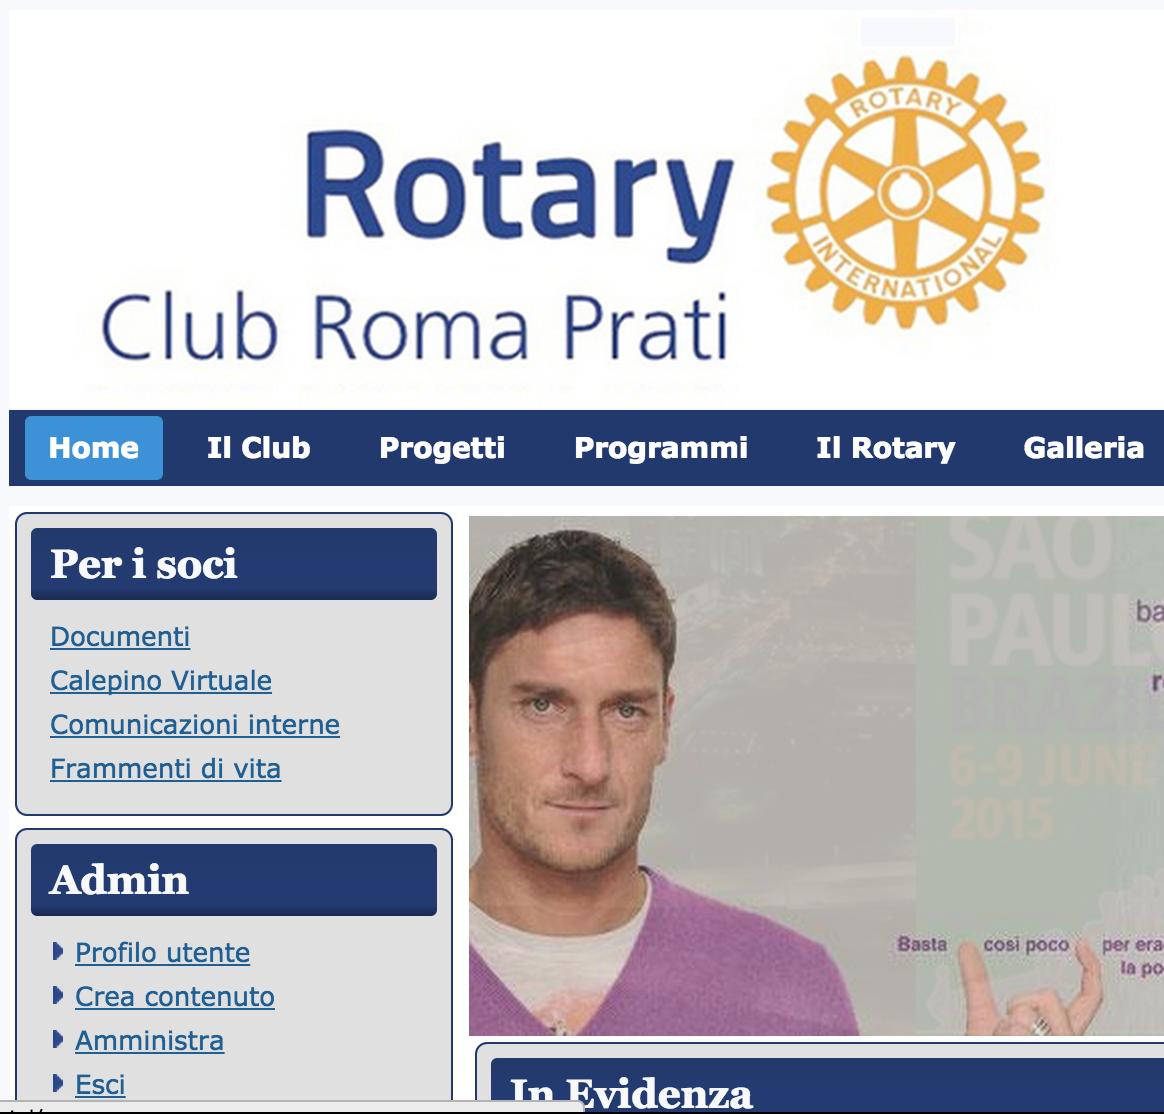 Rotary Club Roma Prati